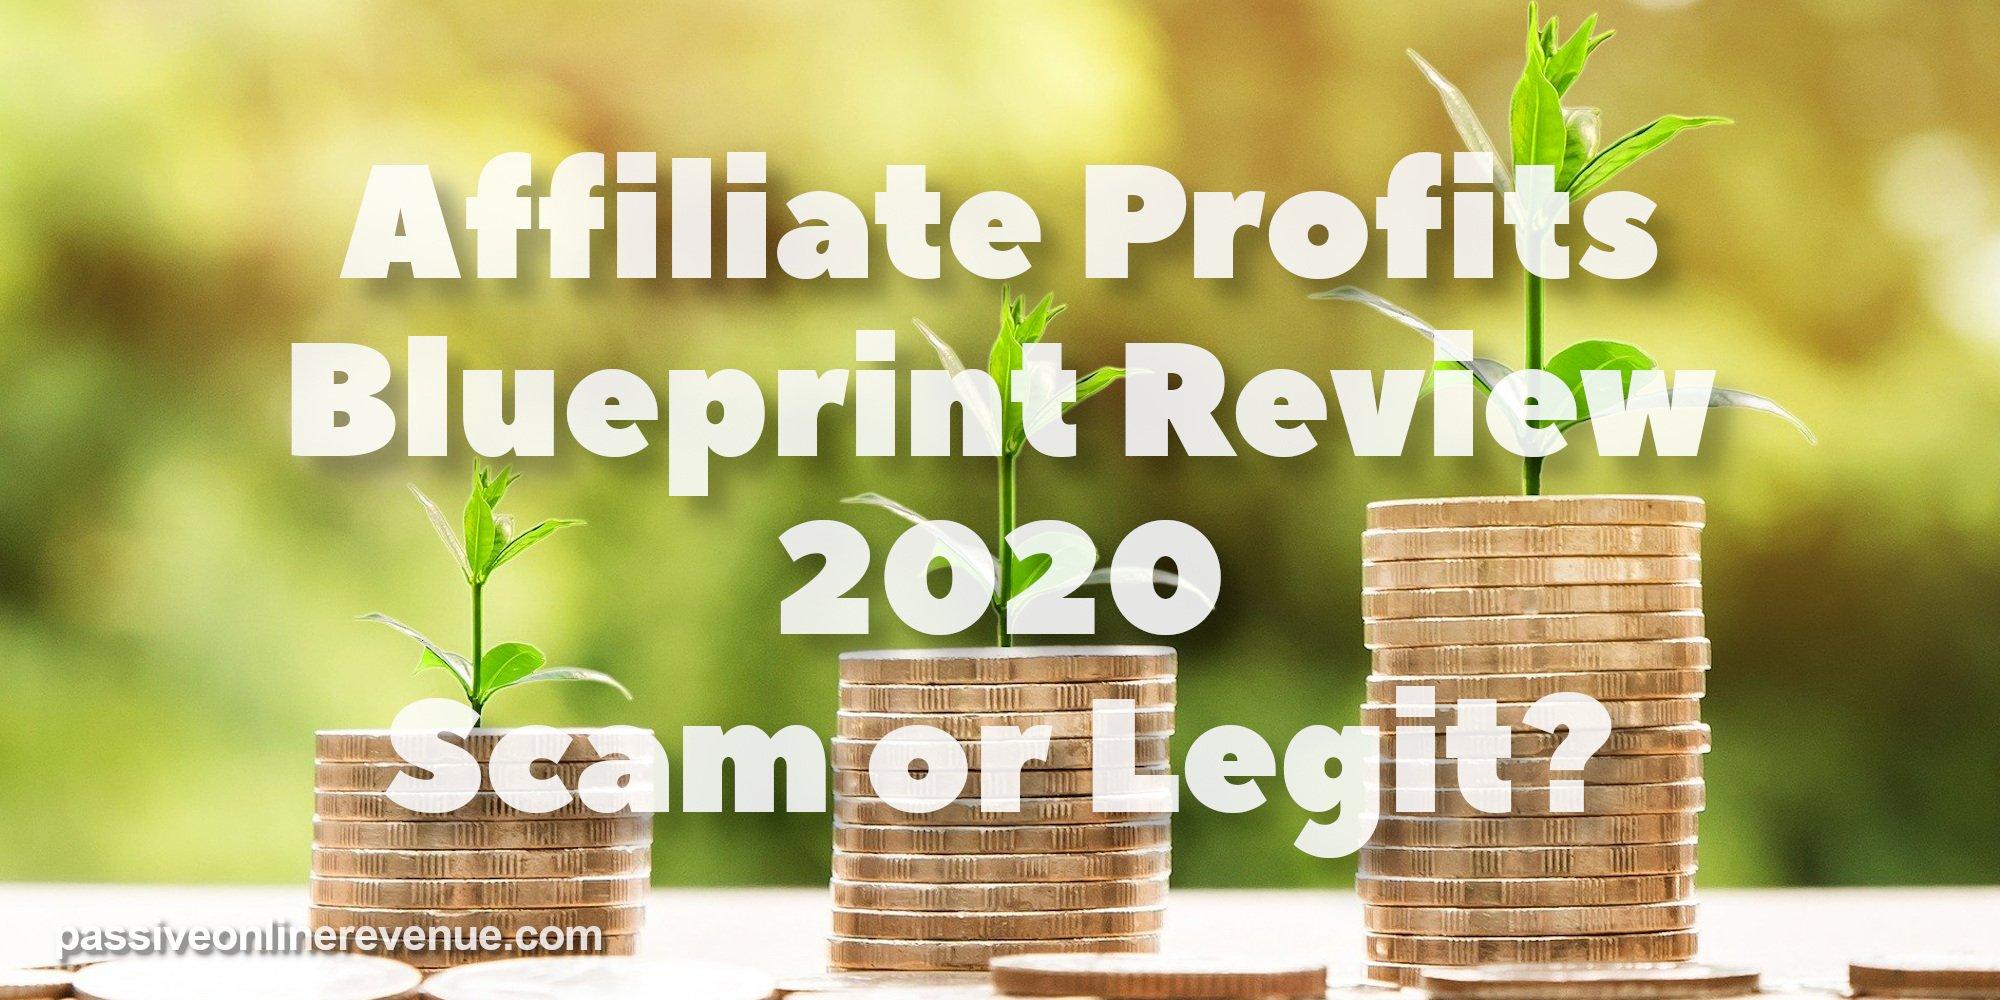 Affiliate Profits Blueprint Review 2020 - Scam or Legit?